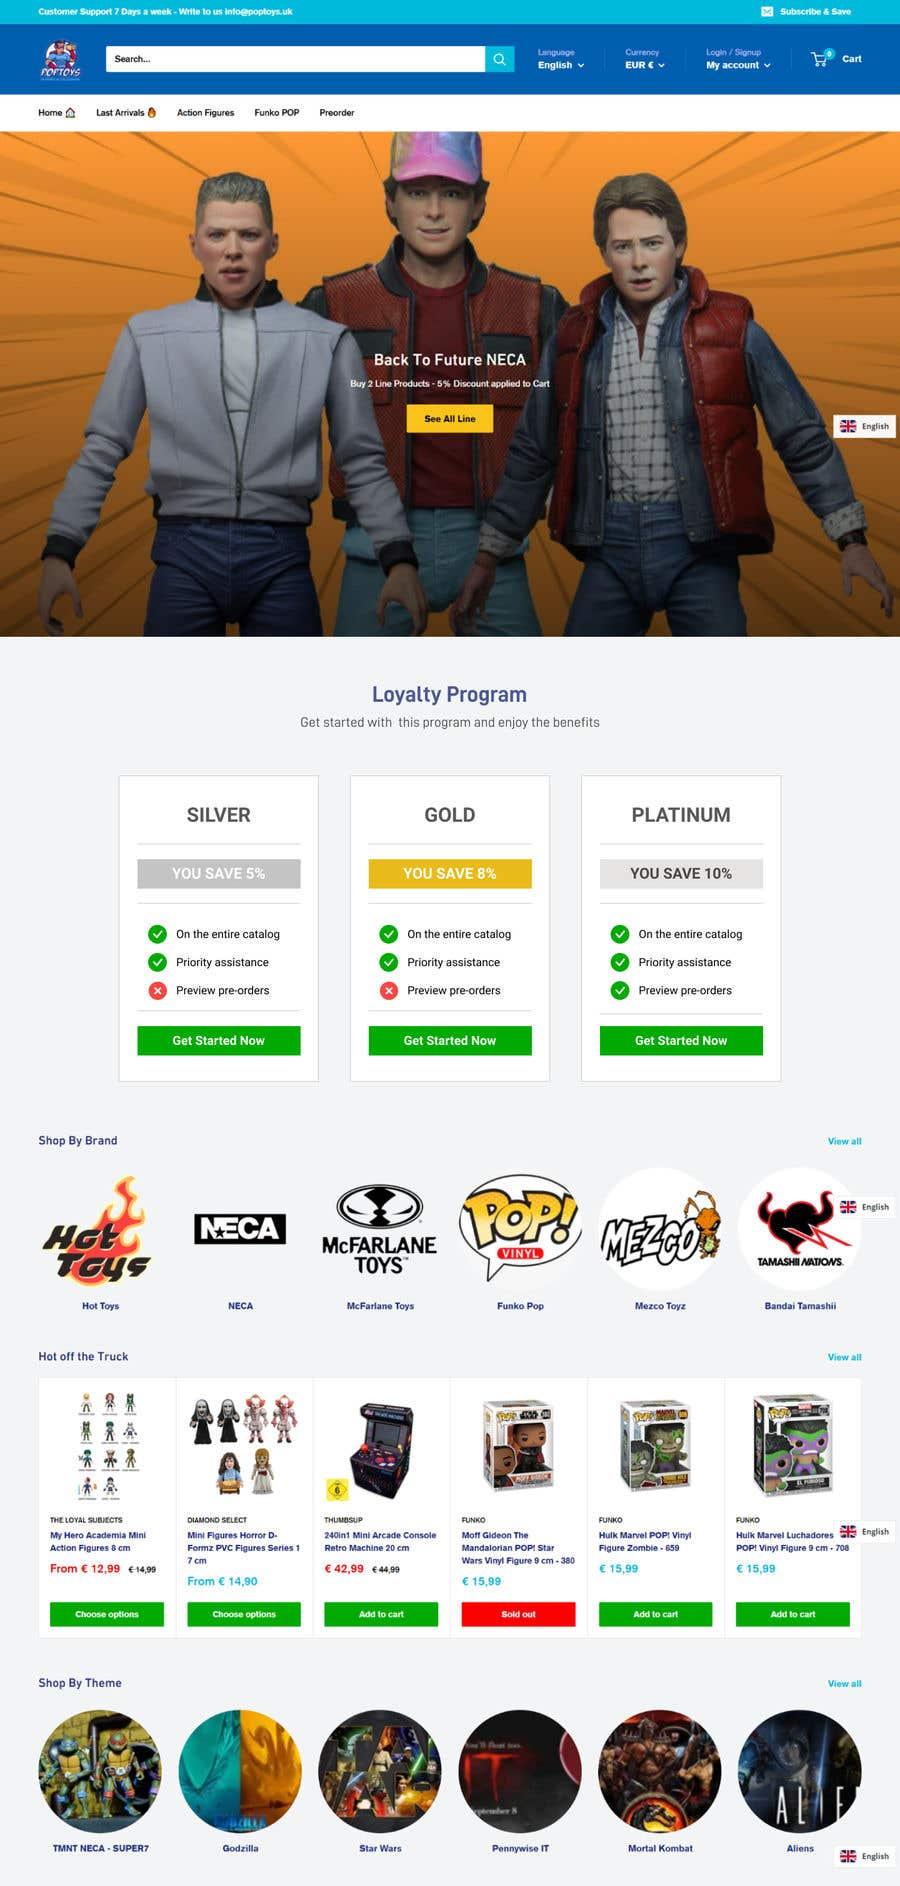 Konkurrenceindlæg #                                        29                                      for                                         Loyalty Program Webpage Presentation